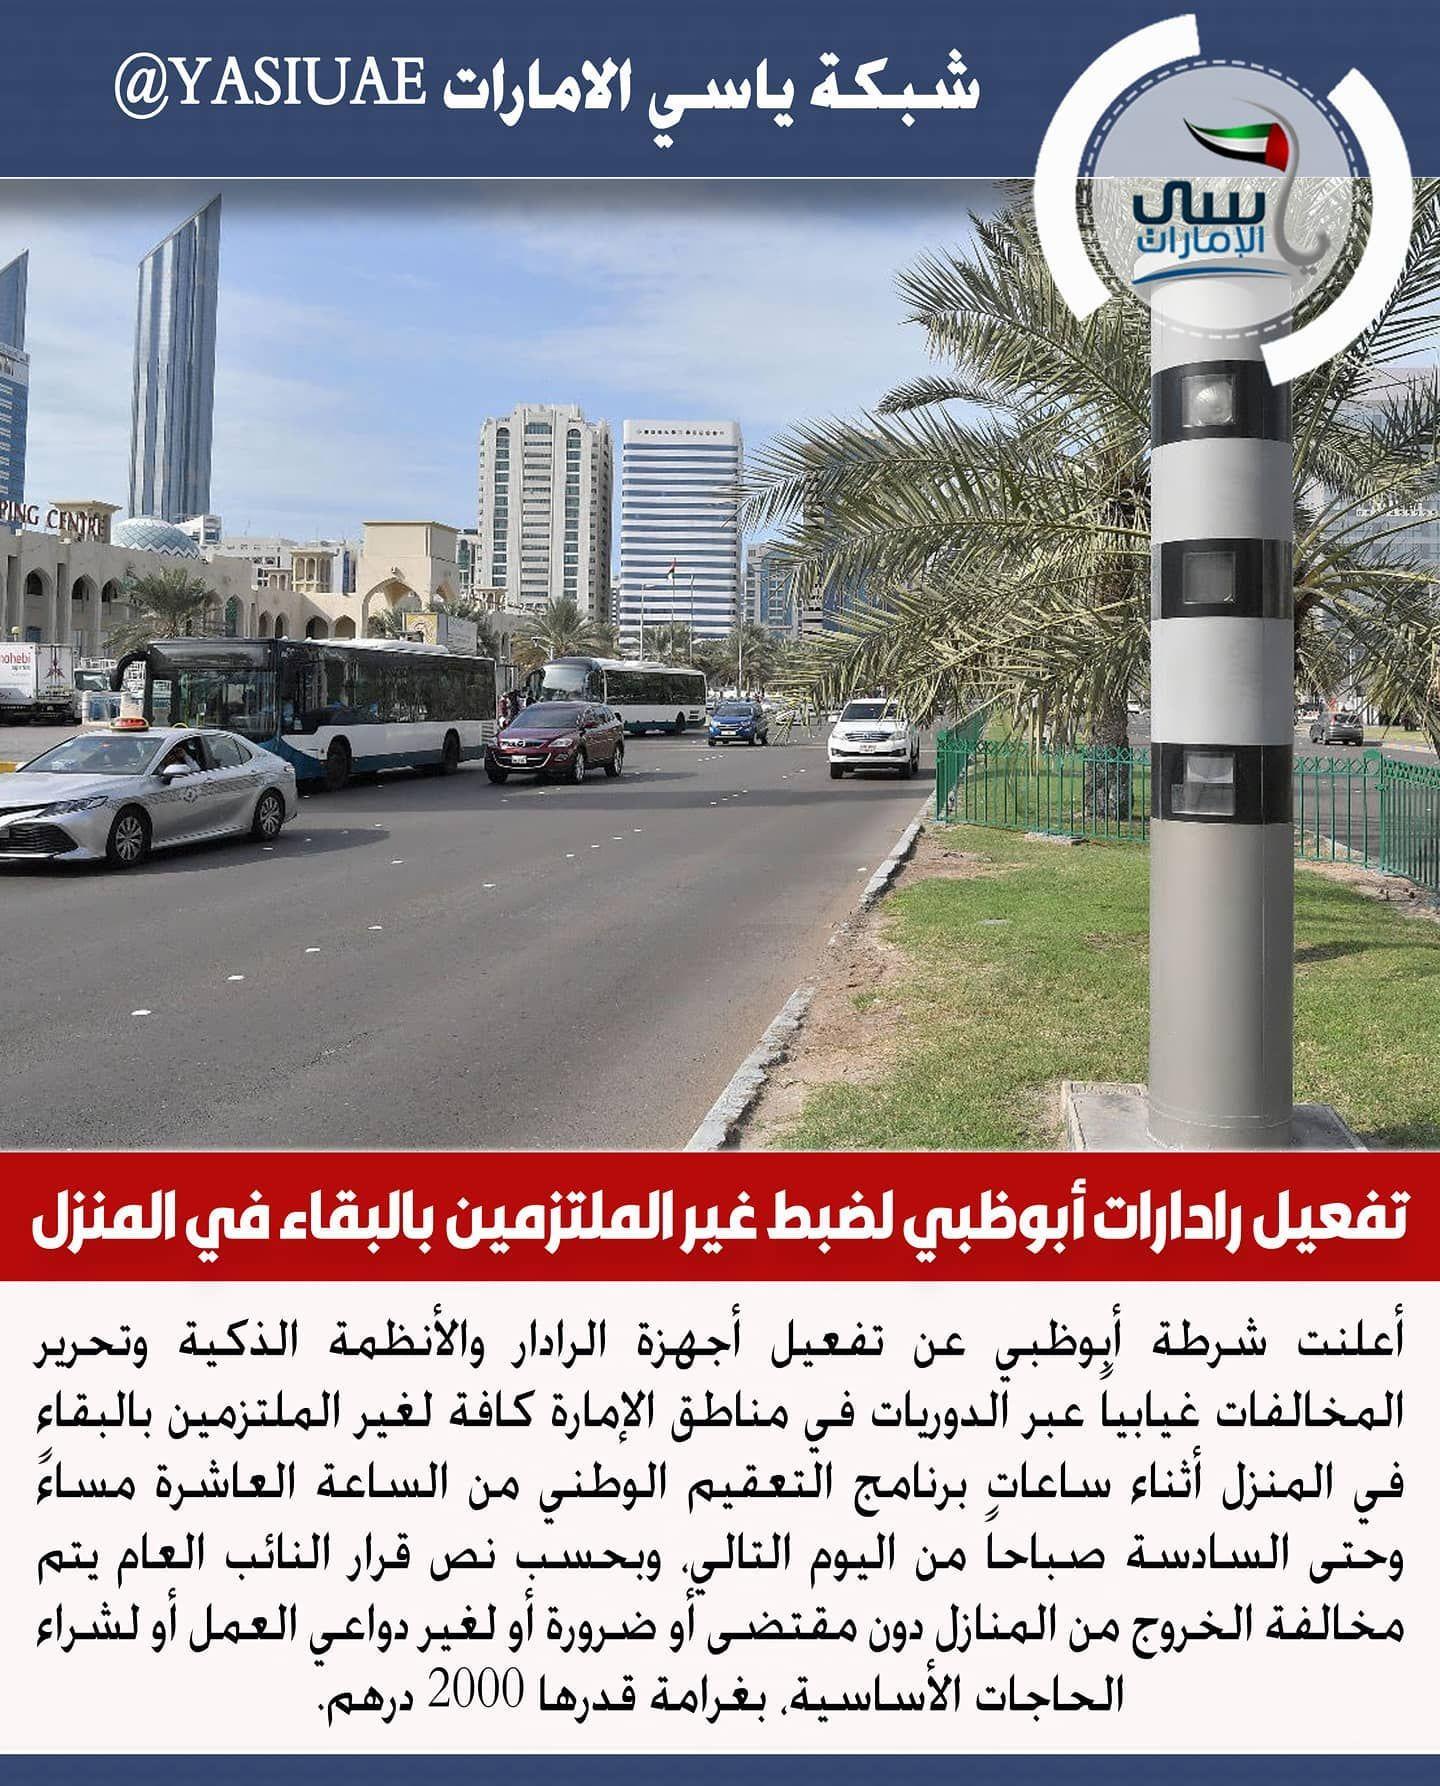 شرطة أبوظبي تفعيل رادارات أبوظبي لضبط غير الملتزمين بالبقاء في المنزل اثناء التعقيم Adpolicehq Www Yasiuae Net ياسي الامارات شبكة ياسي Highway Road Asa